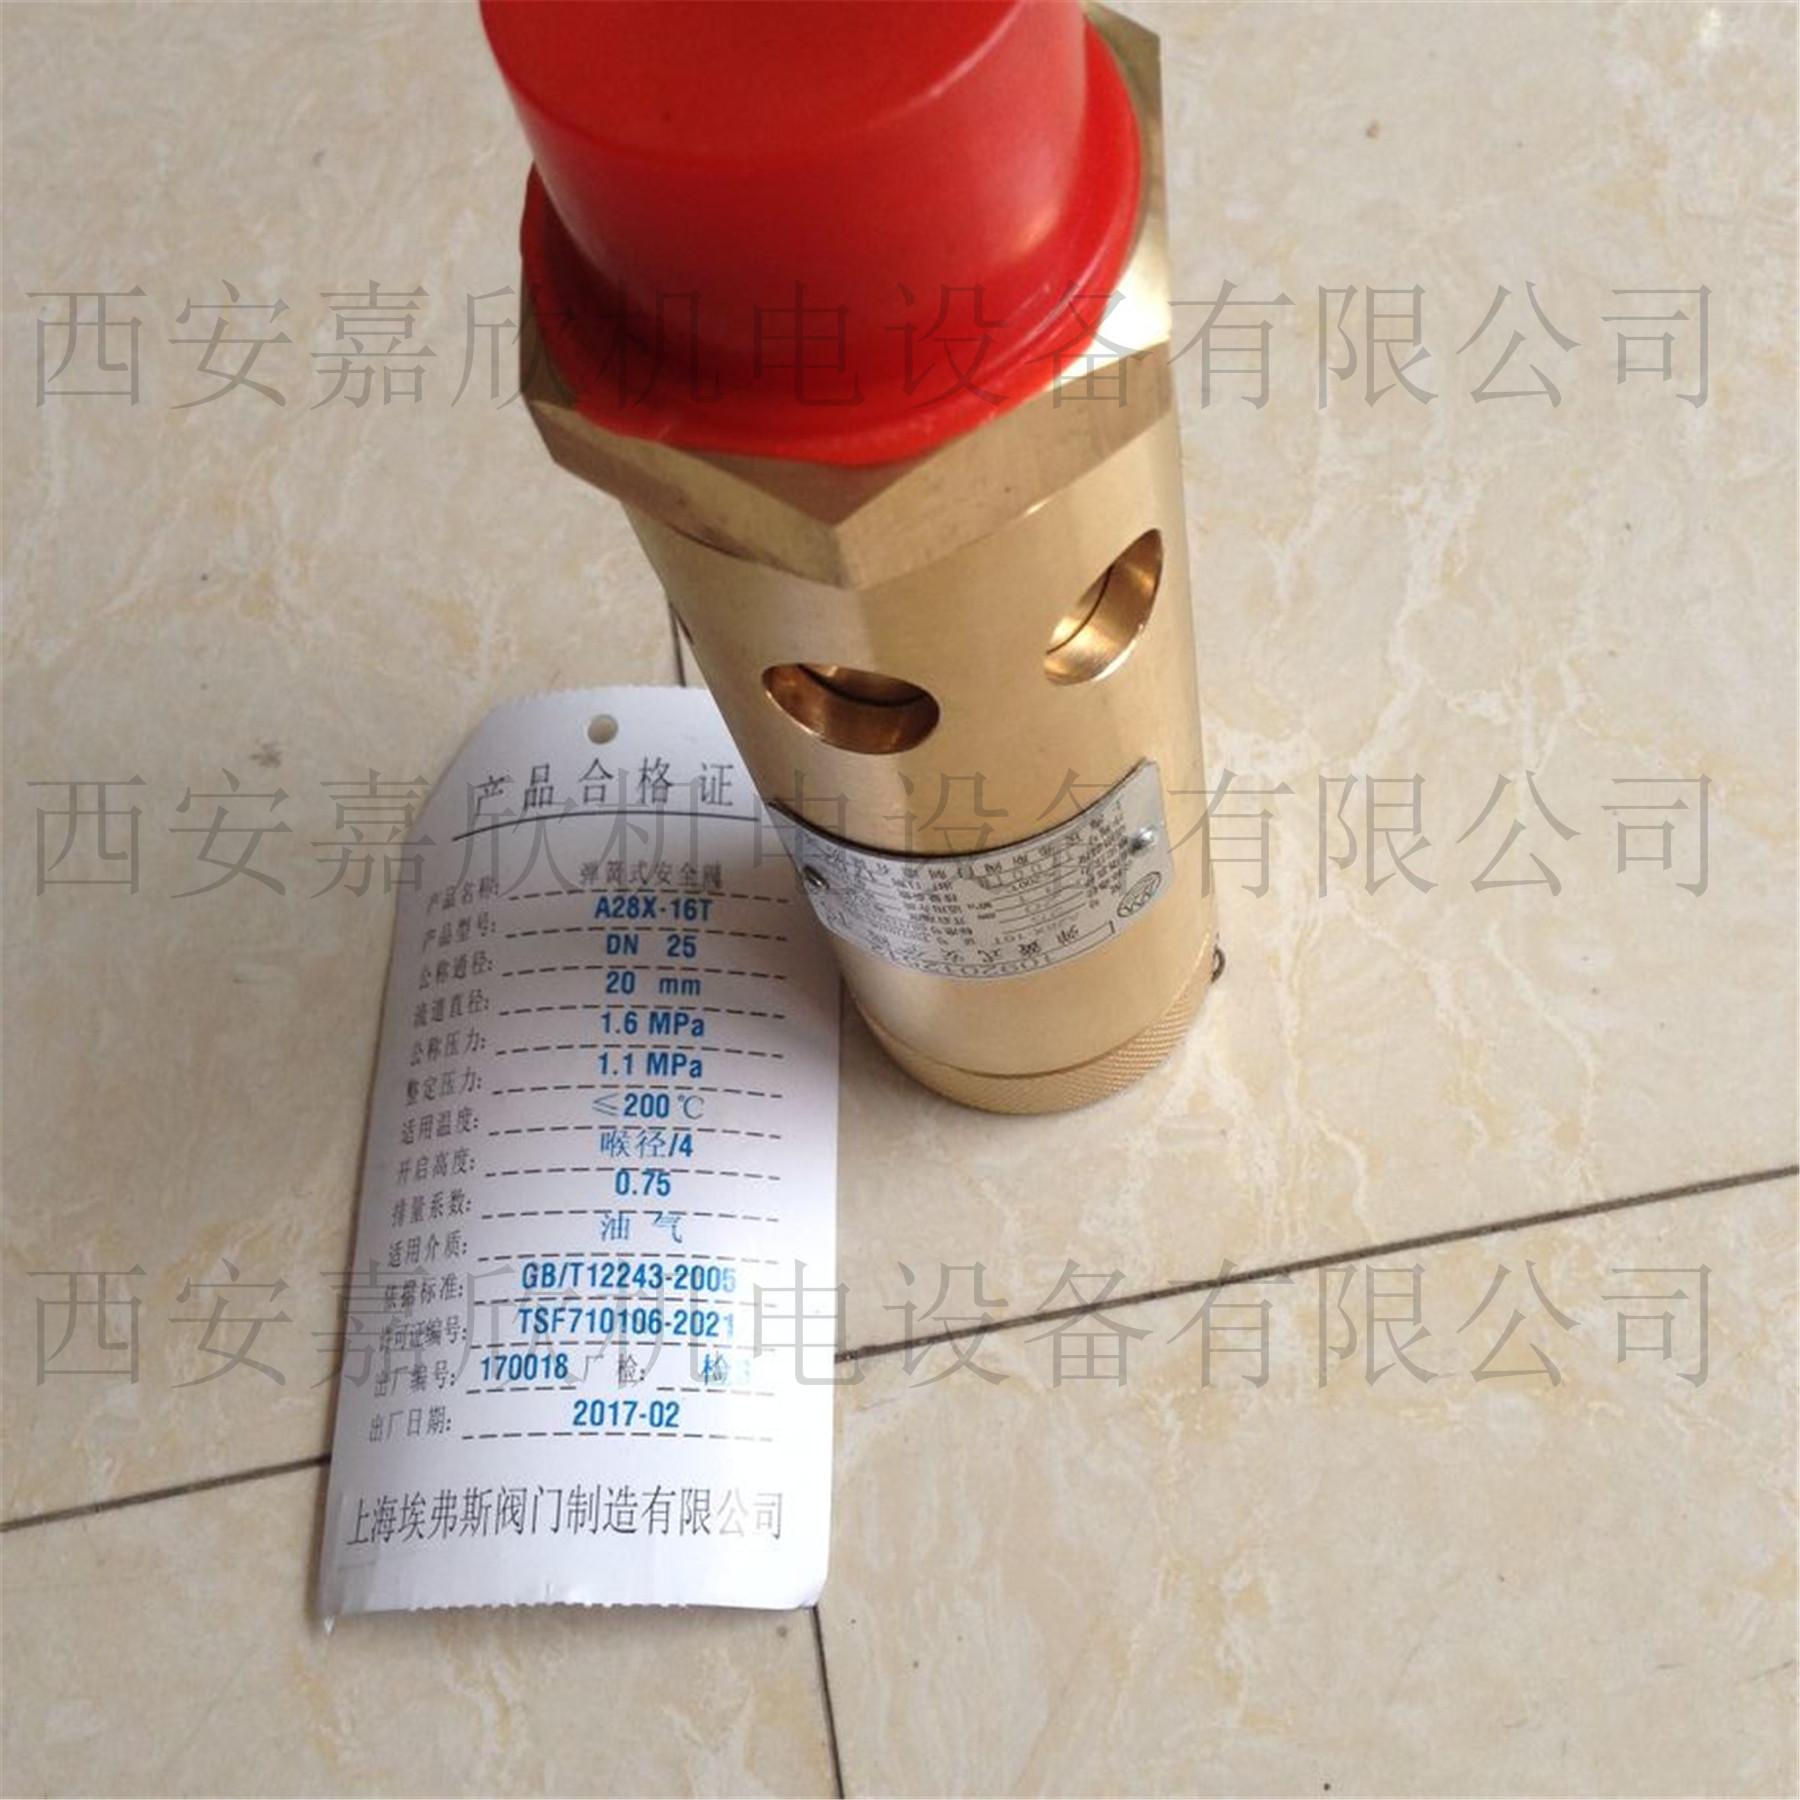 1092012512 компресор предпазен клапан, компресор предпазен клапан